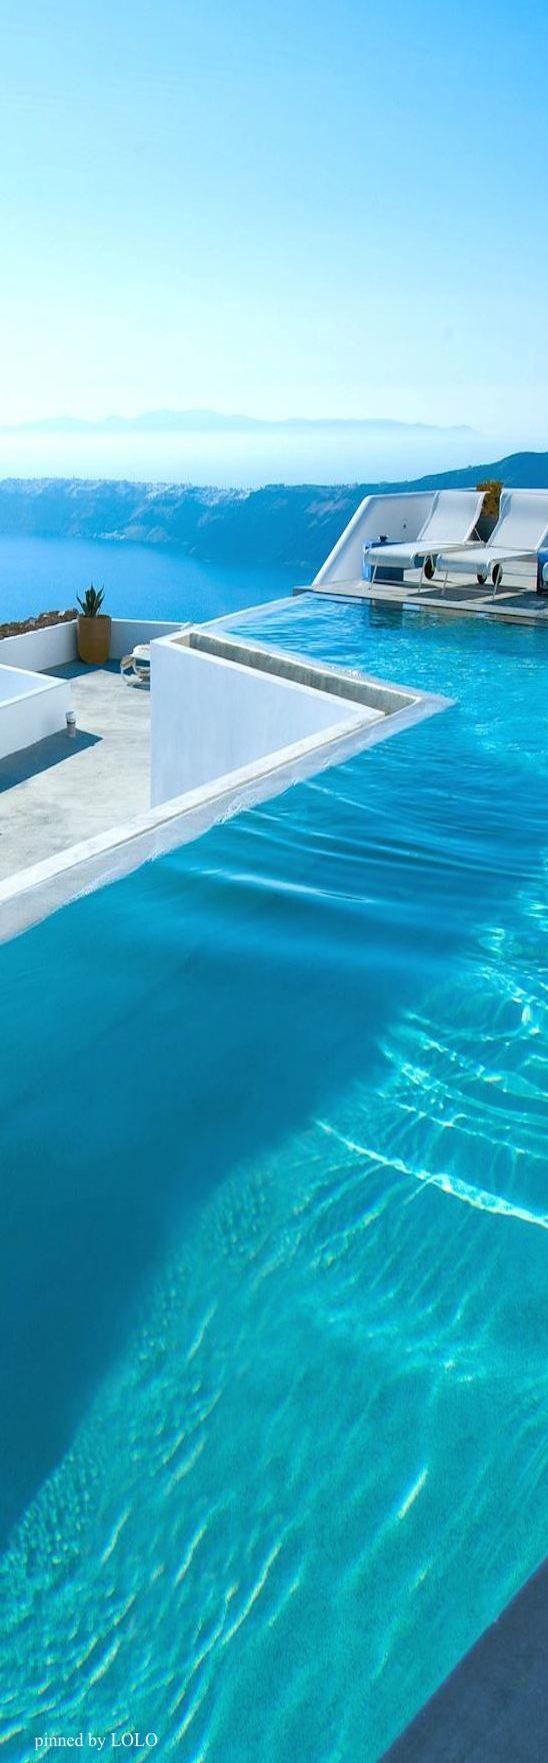 C'est l'été : des piscines à couper le souffle ! - Floriane Lemarié